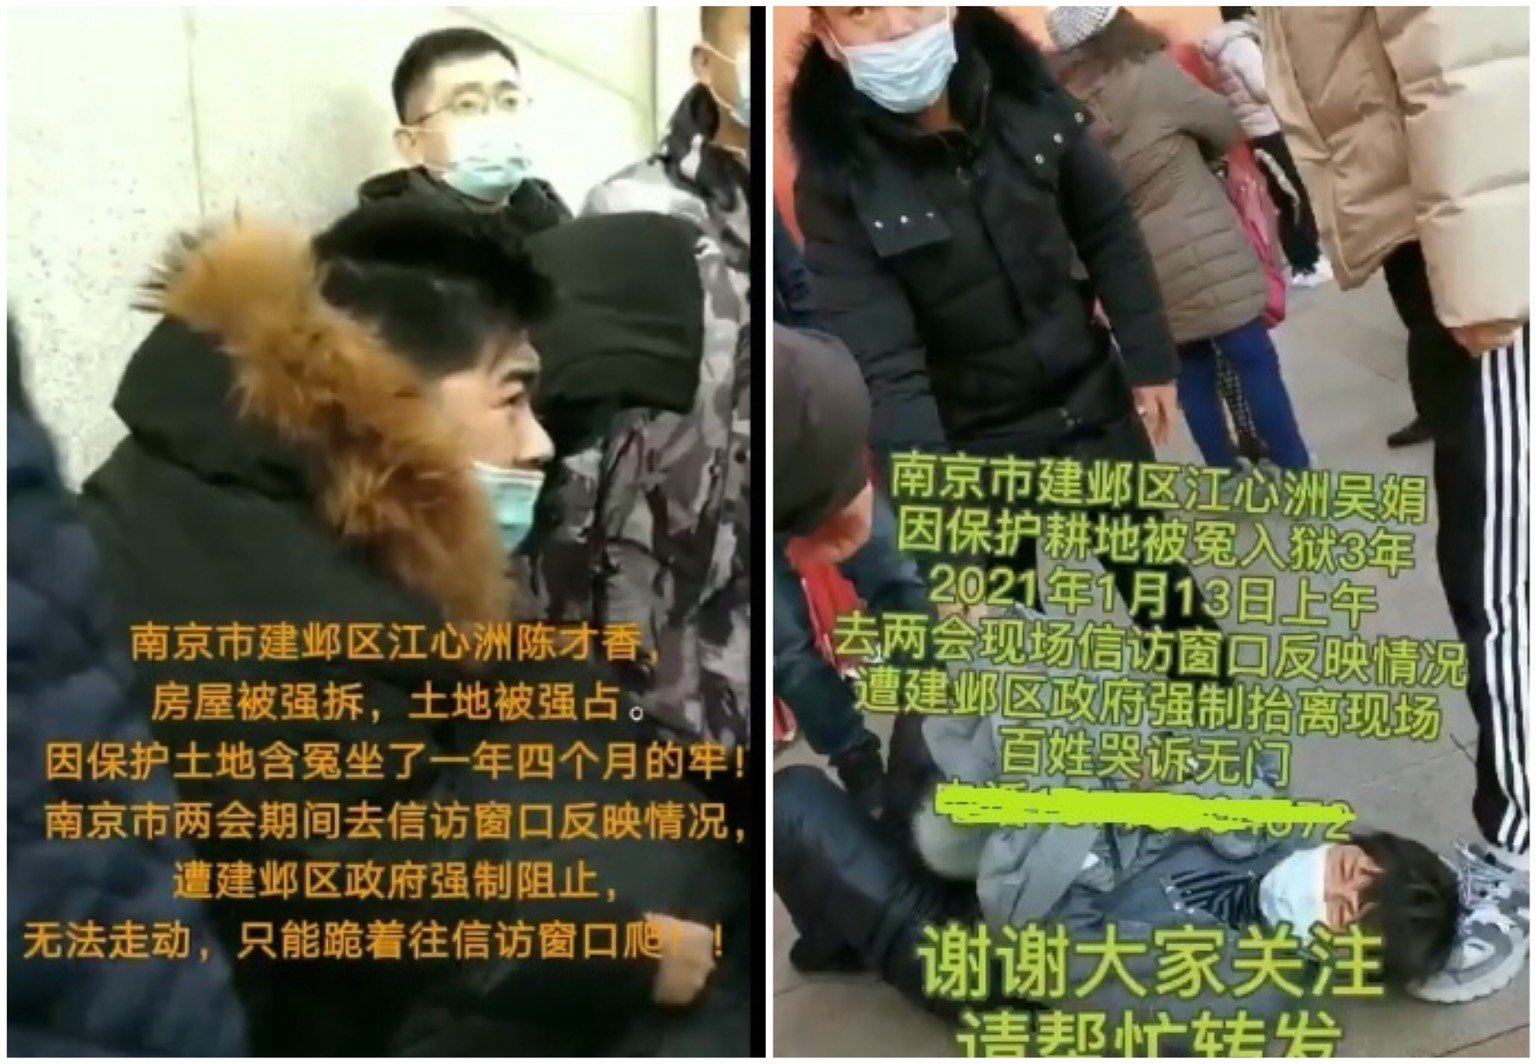 2021年1月11日至14日南京兩會期間,訪民到信訪窗口反映問題被地方政府維穩人員強行抬離現場。(受訪者提供/大紀元合成)